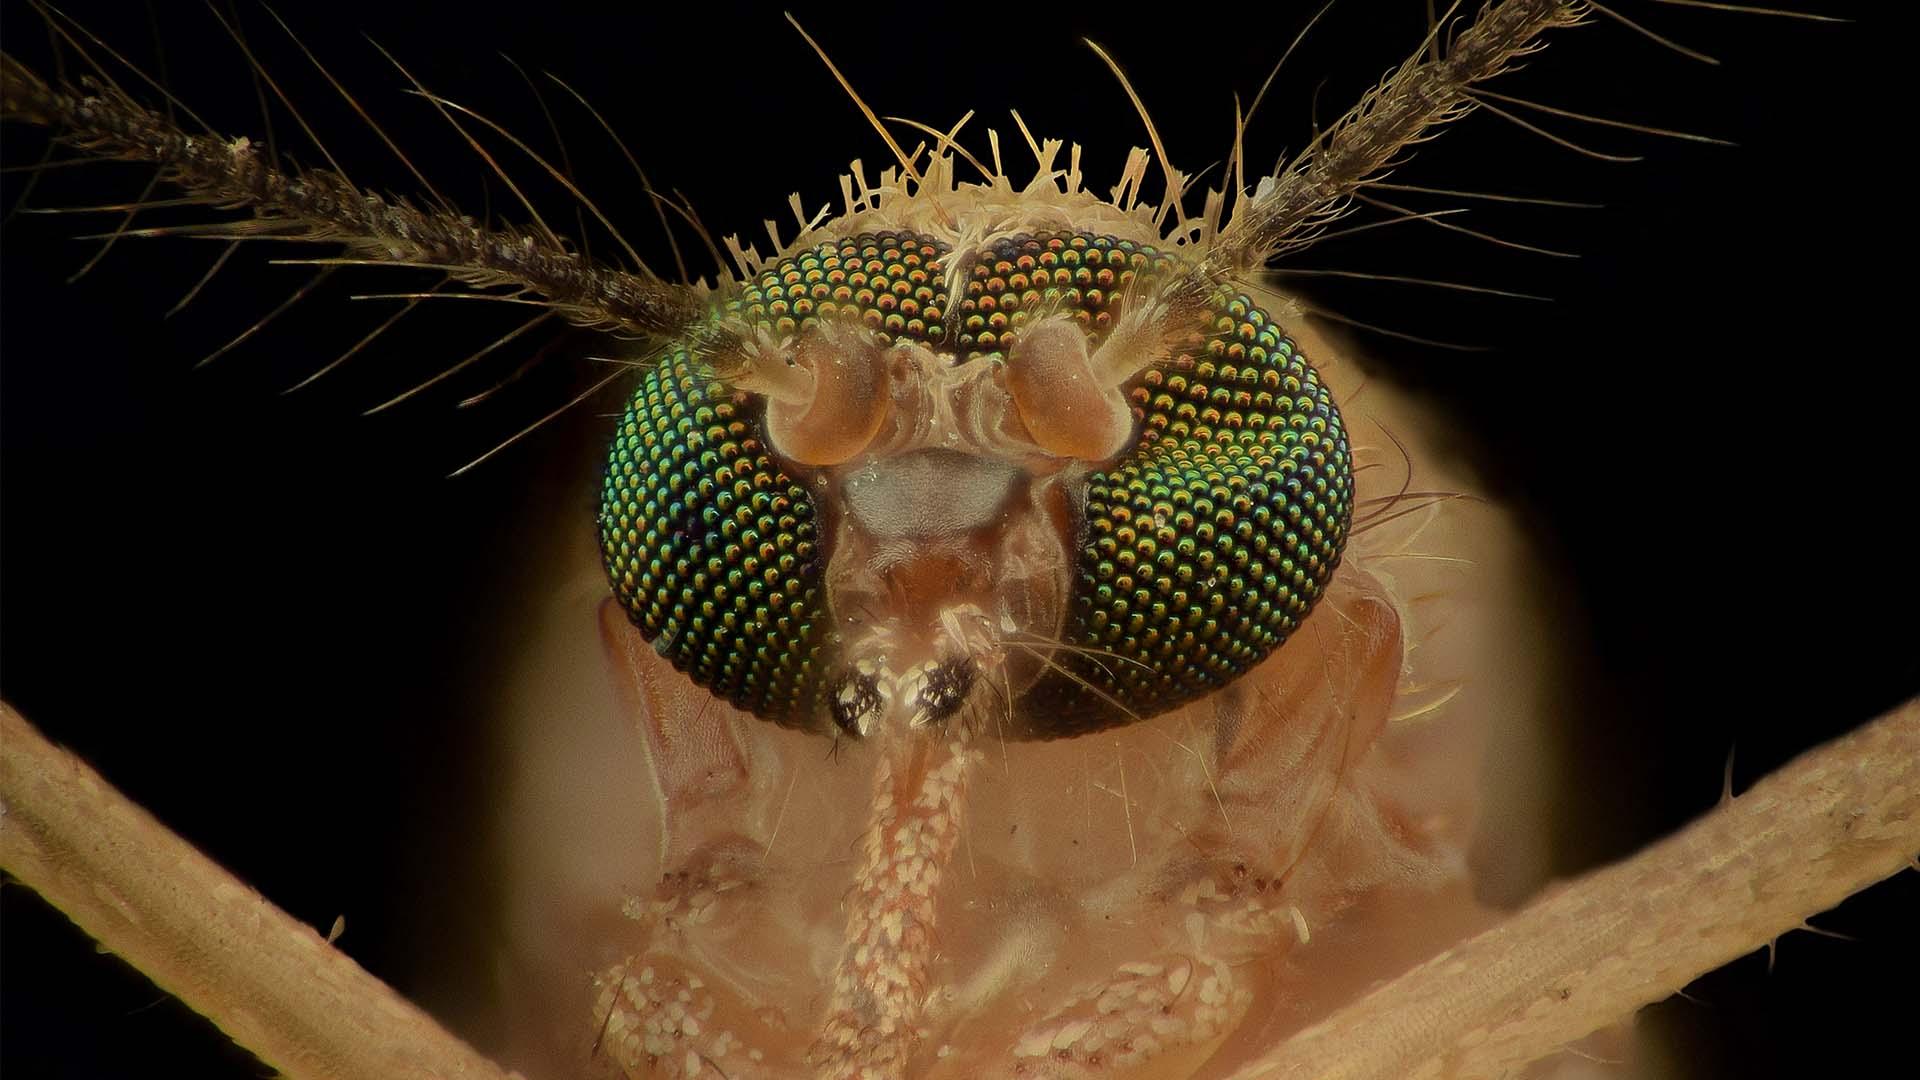 Mosquito Anatomy Up Close